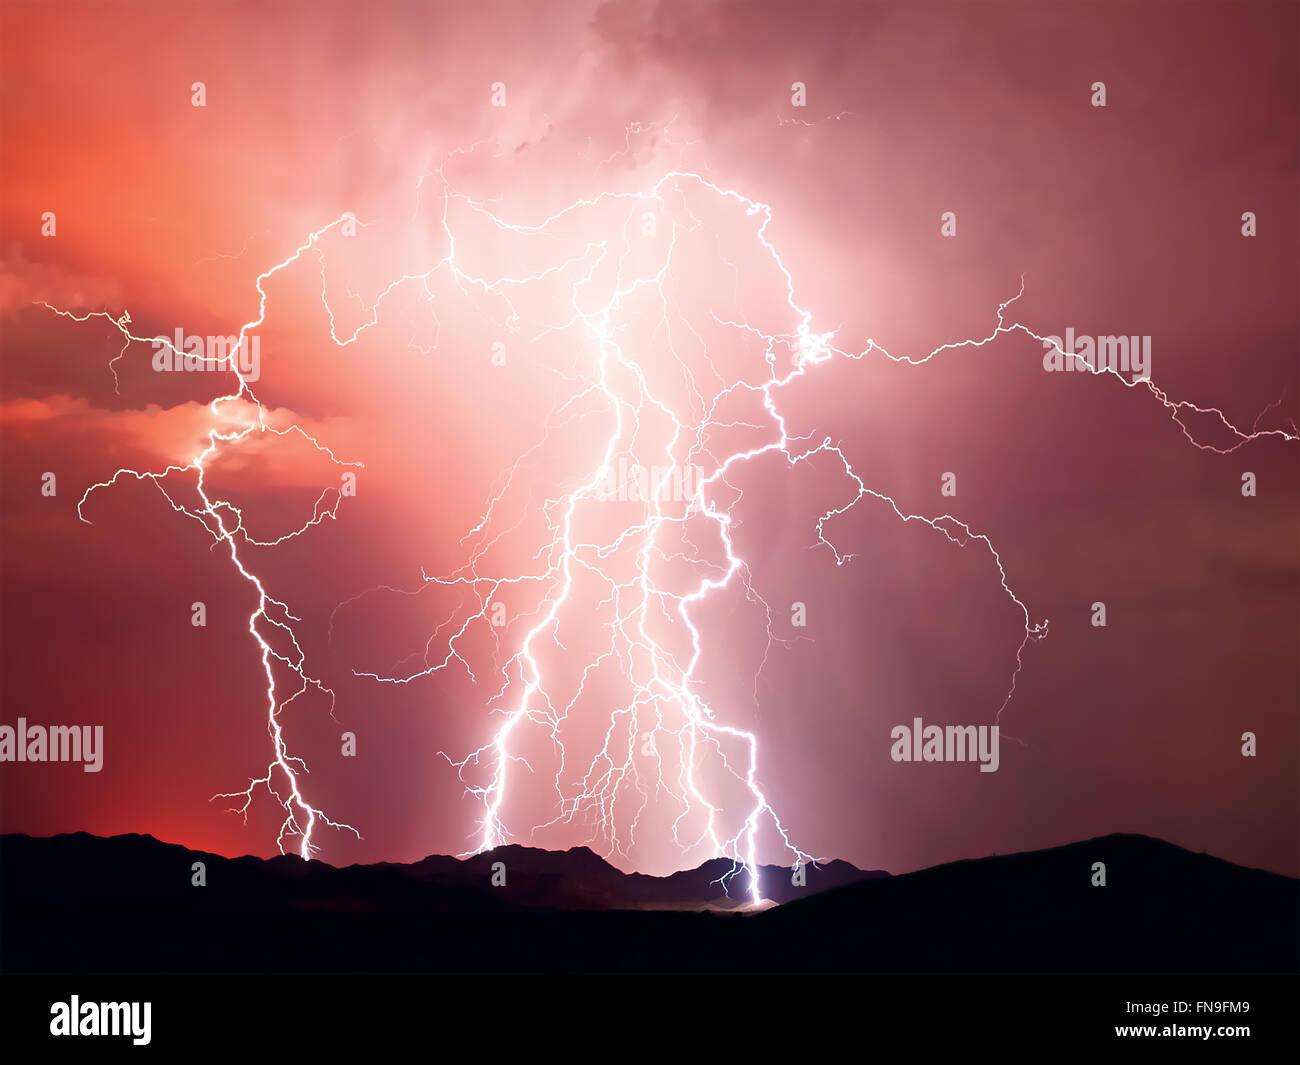 Lightning storm, Arizona, United States Stock Photo